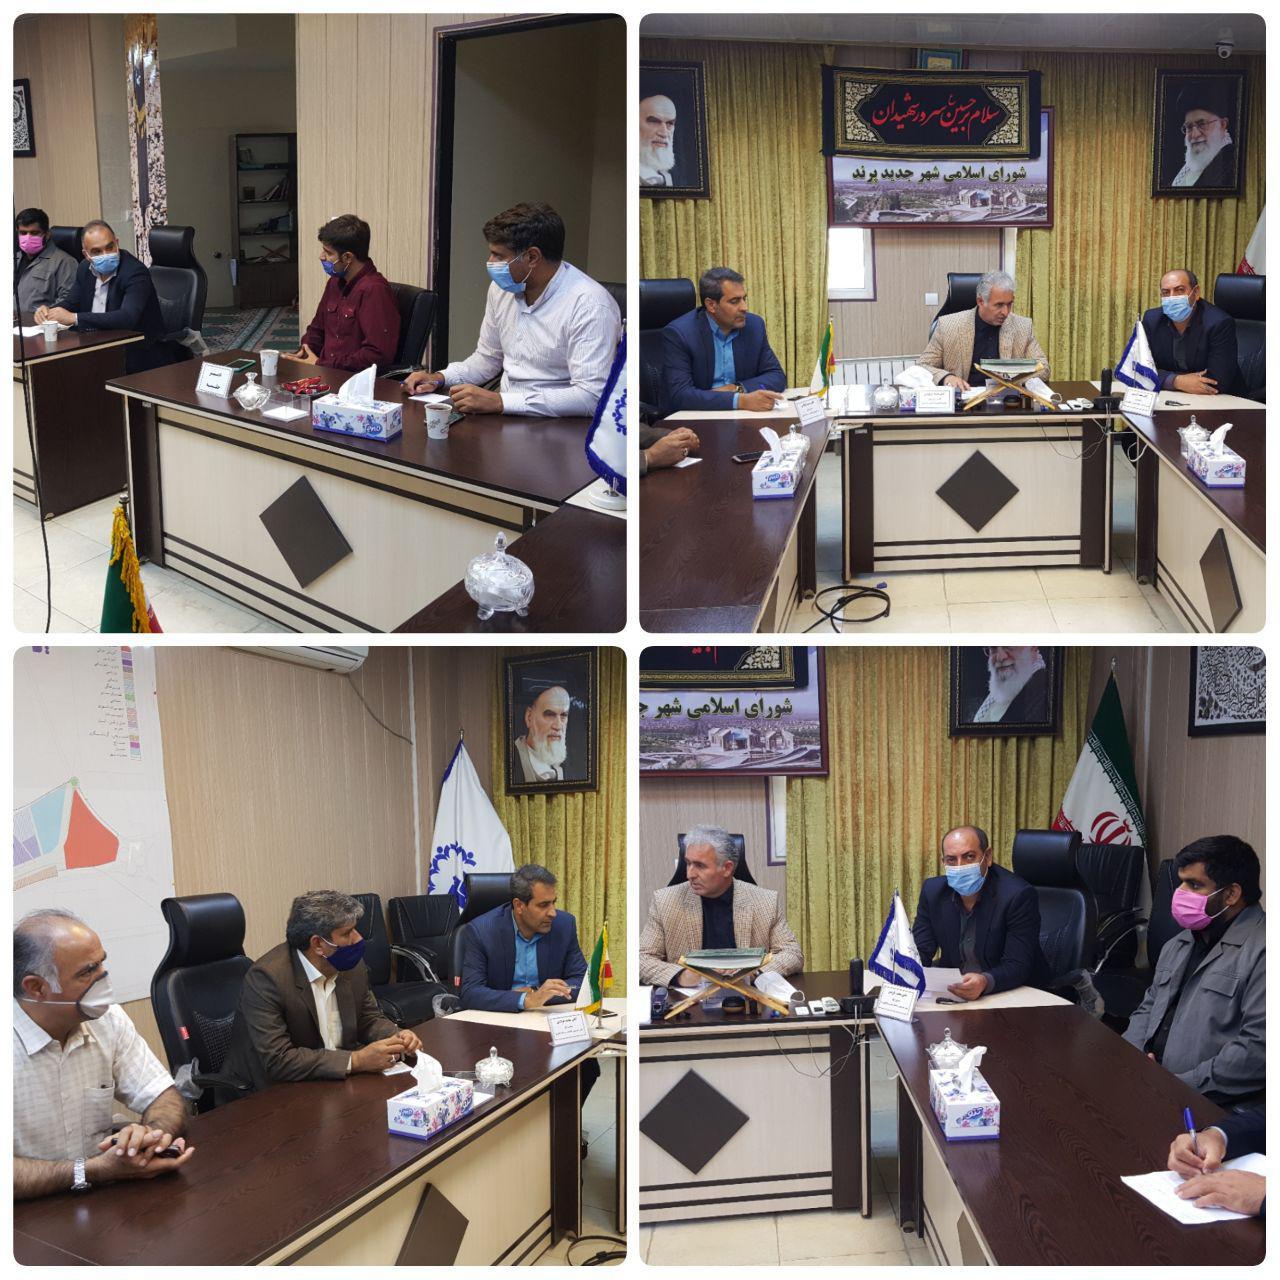 برگزاری جلسه کمیسیون فرهنگی شورای اسلامی شهر پرند / هماهنگی جهت اجرای ویژه برنامه های هفته دفاع مقدس و روز جهانی بدون خودرو